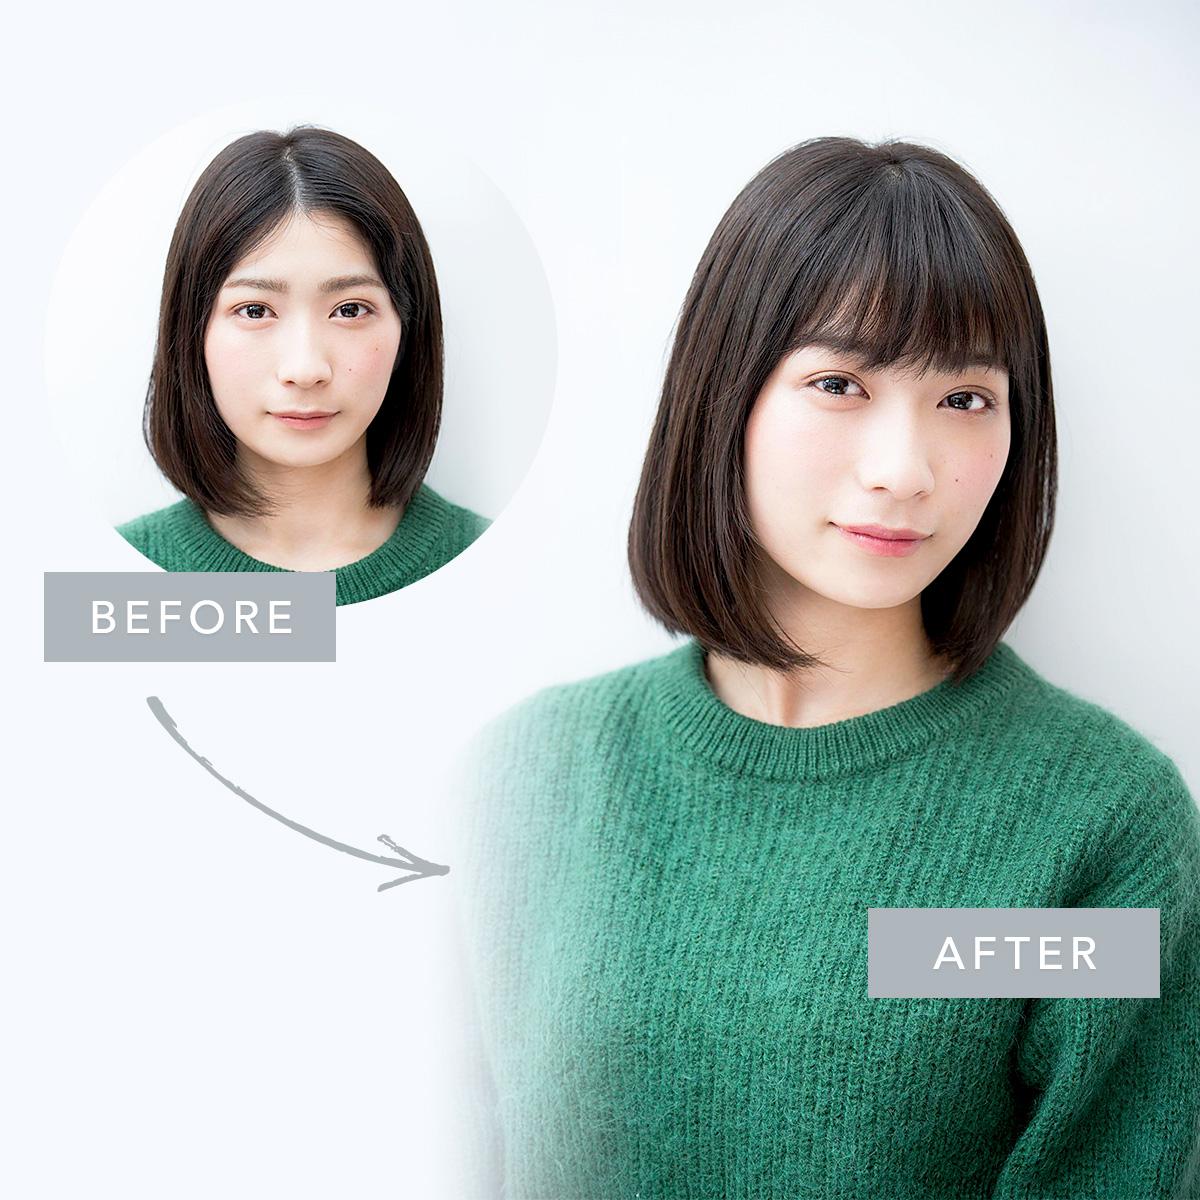 前髪の割れグセを解消! コテ無しでふんわり前髪をつくるブローテク